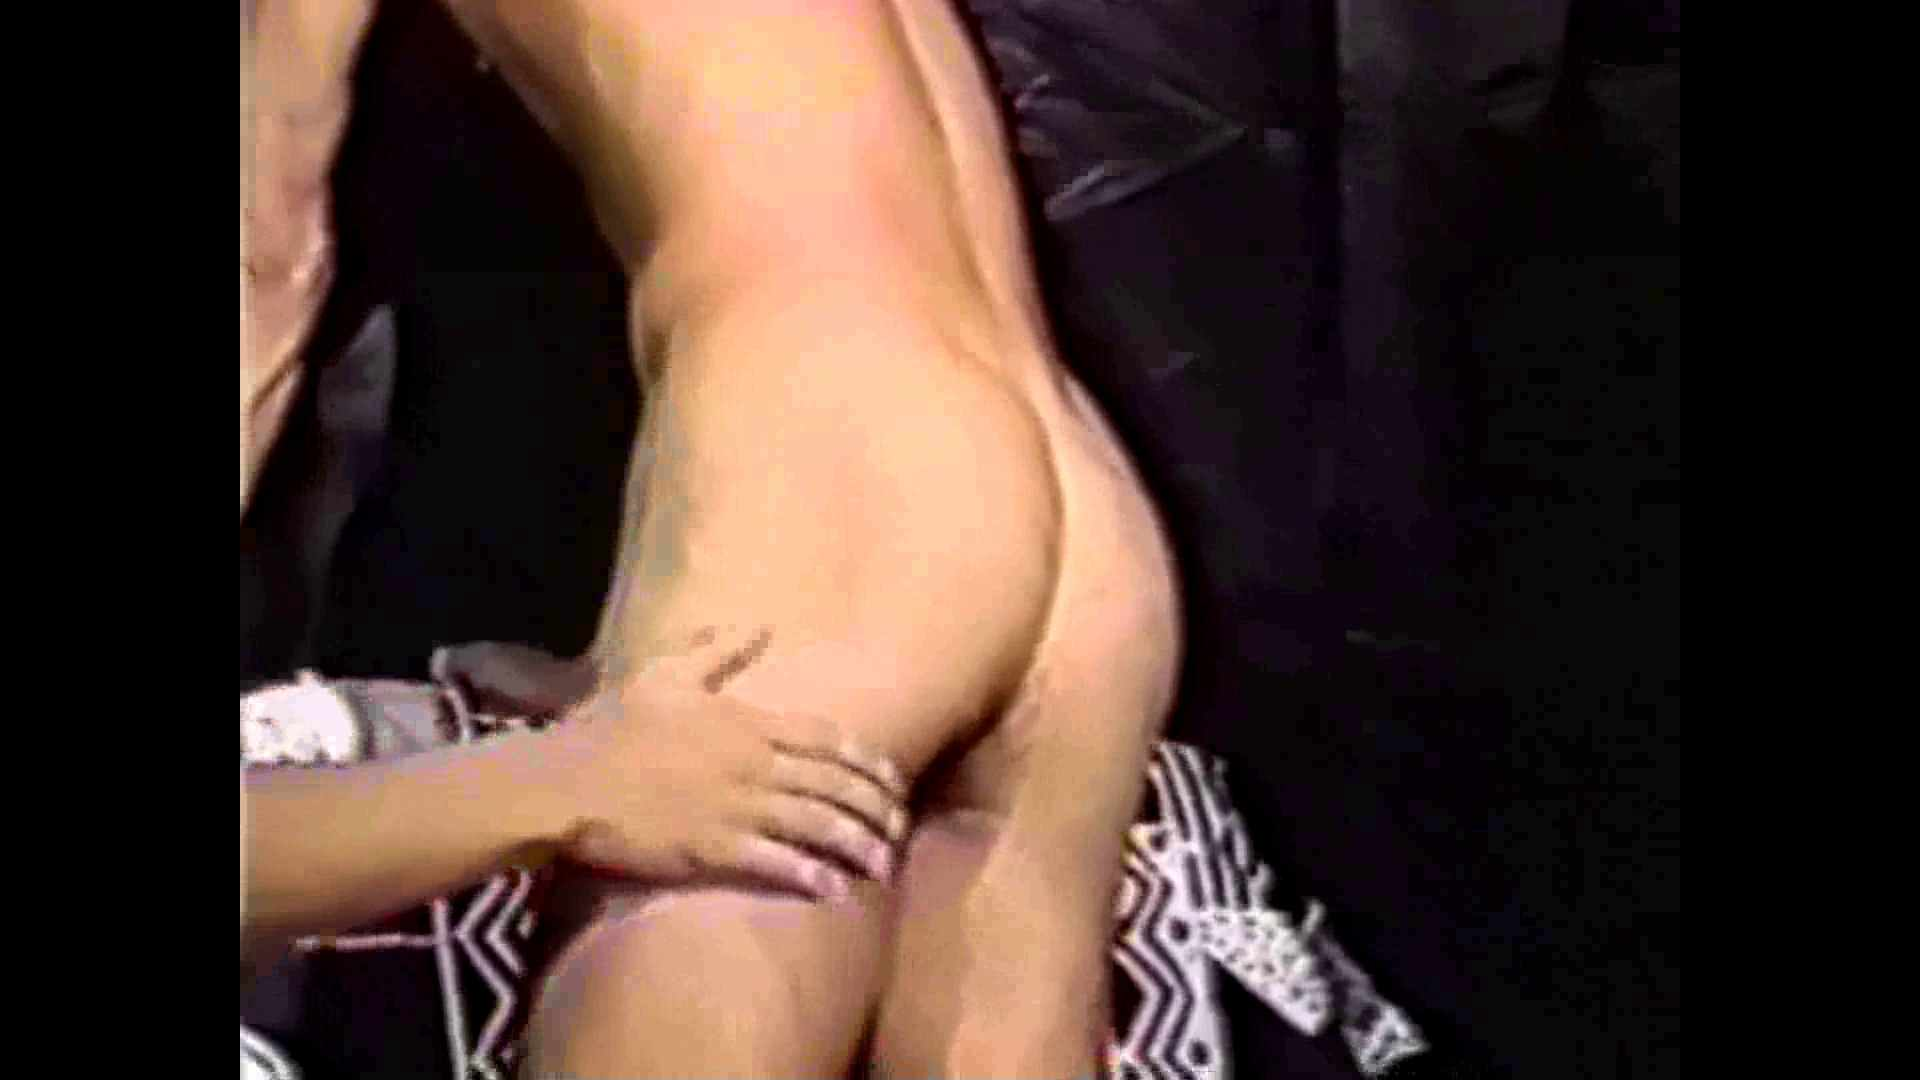 畳の上で2人で死にたい 手コキ ゲイアダルトビデオ画像 99pic 98